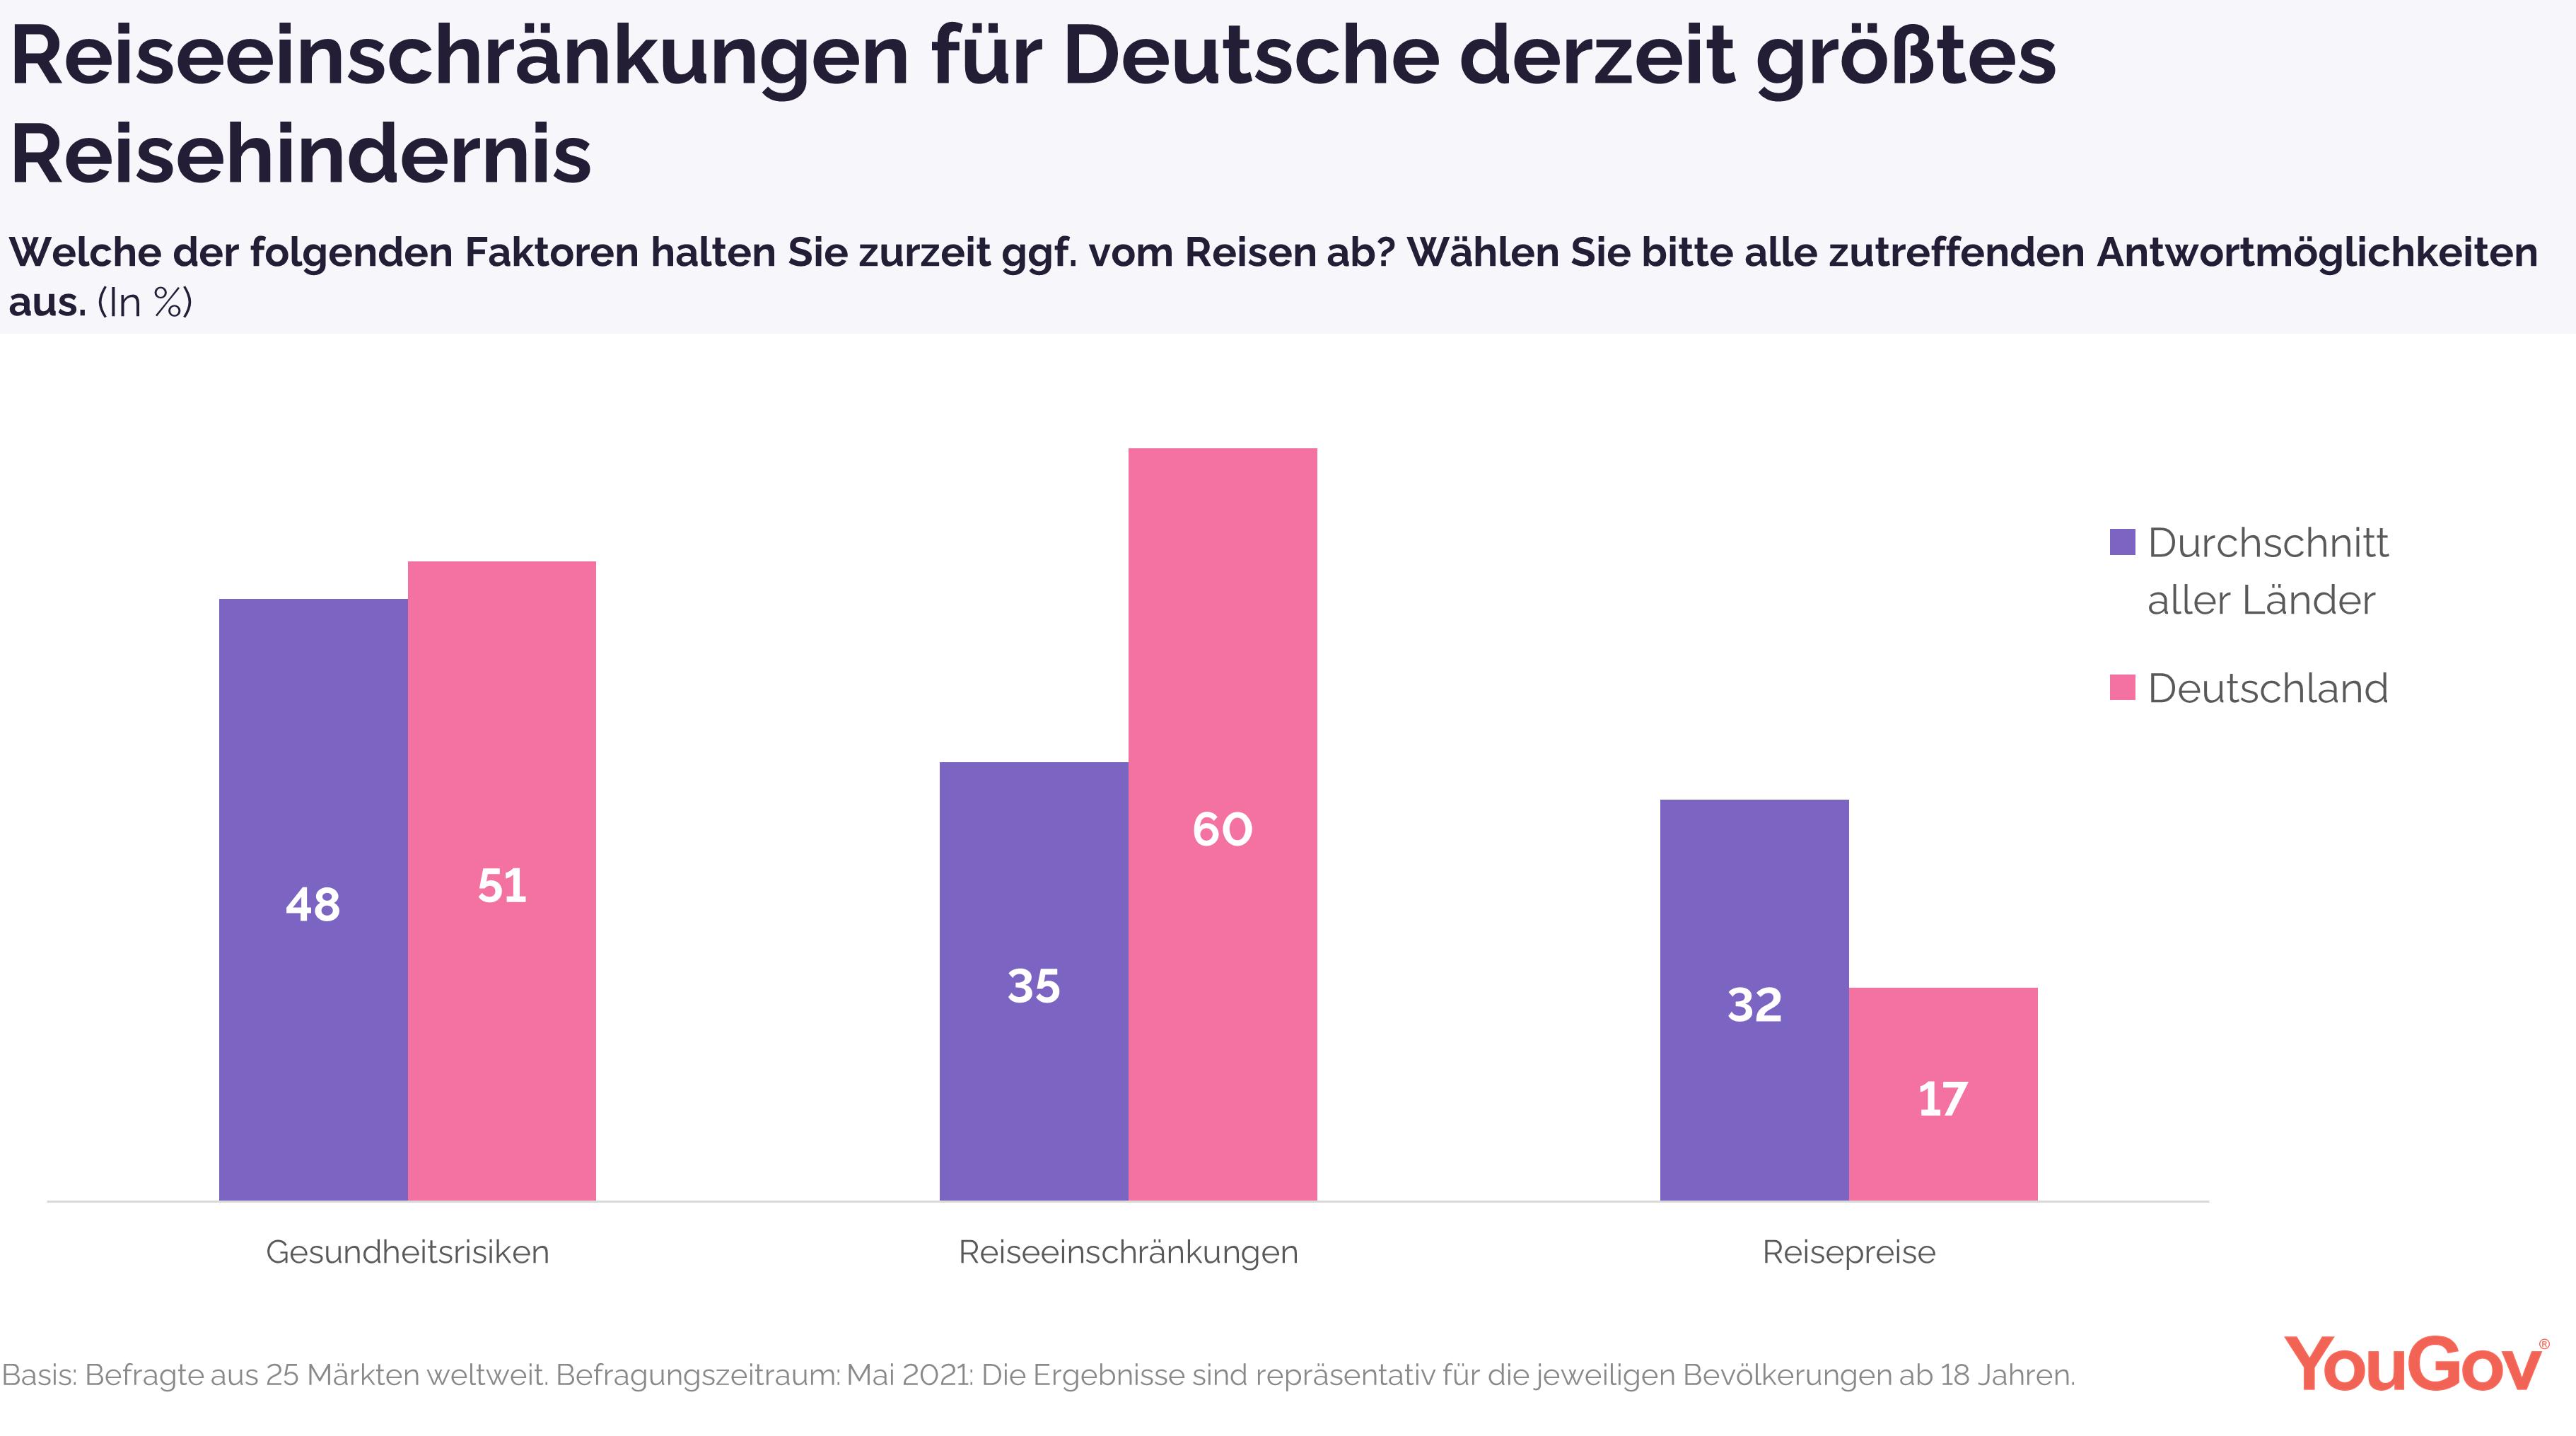 Reiseeinschränkungen für Deutsche größtes Reisehindernis, nicht das Gesundheitsrisiko